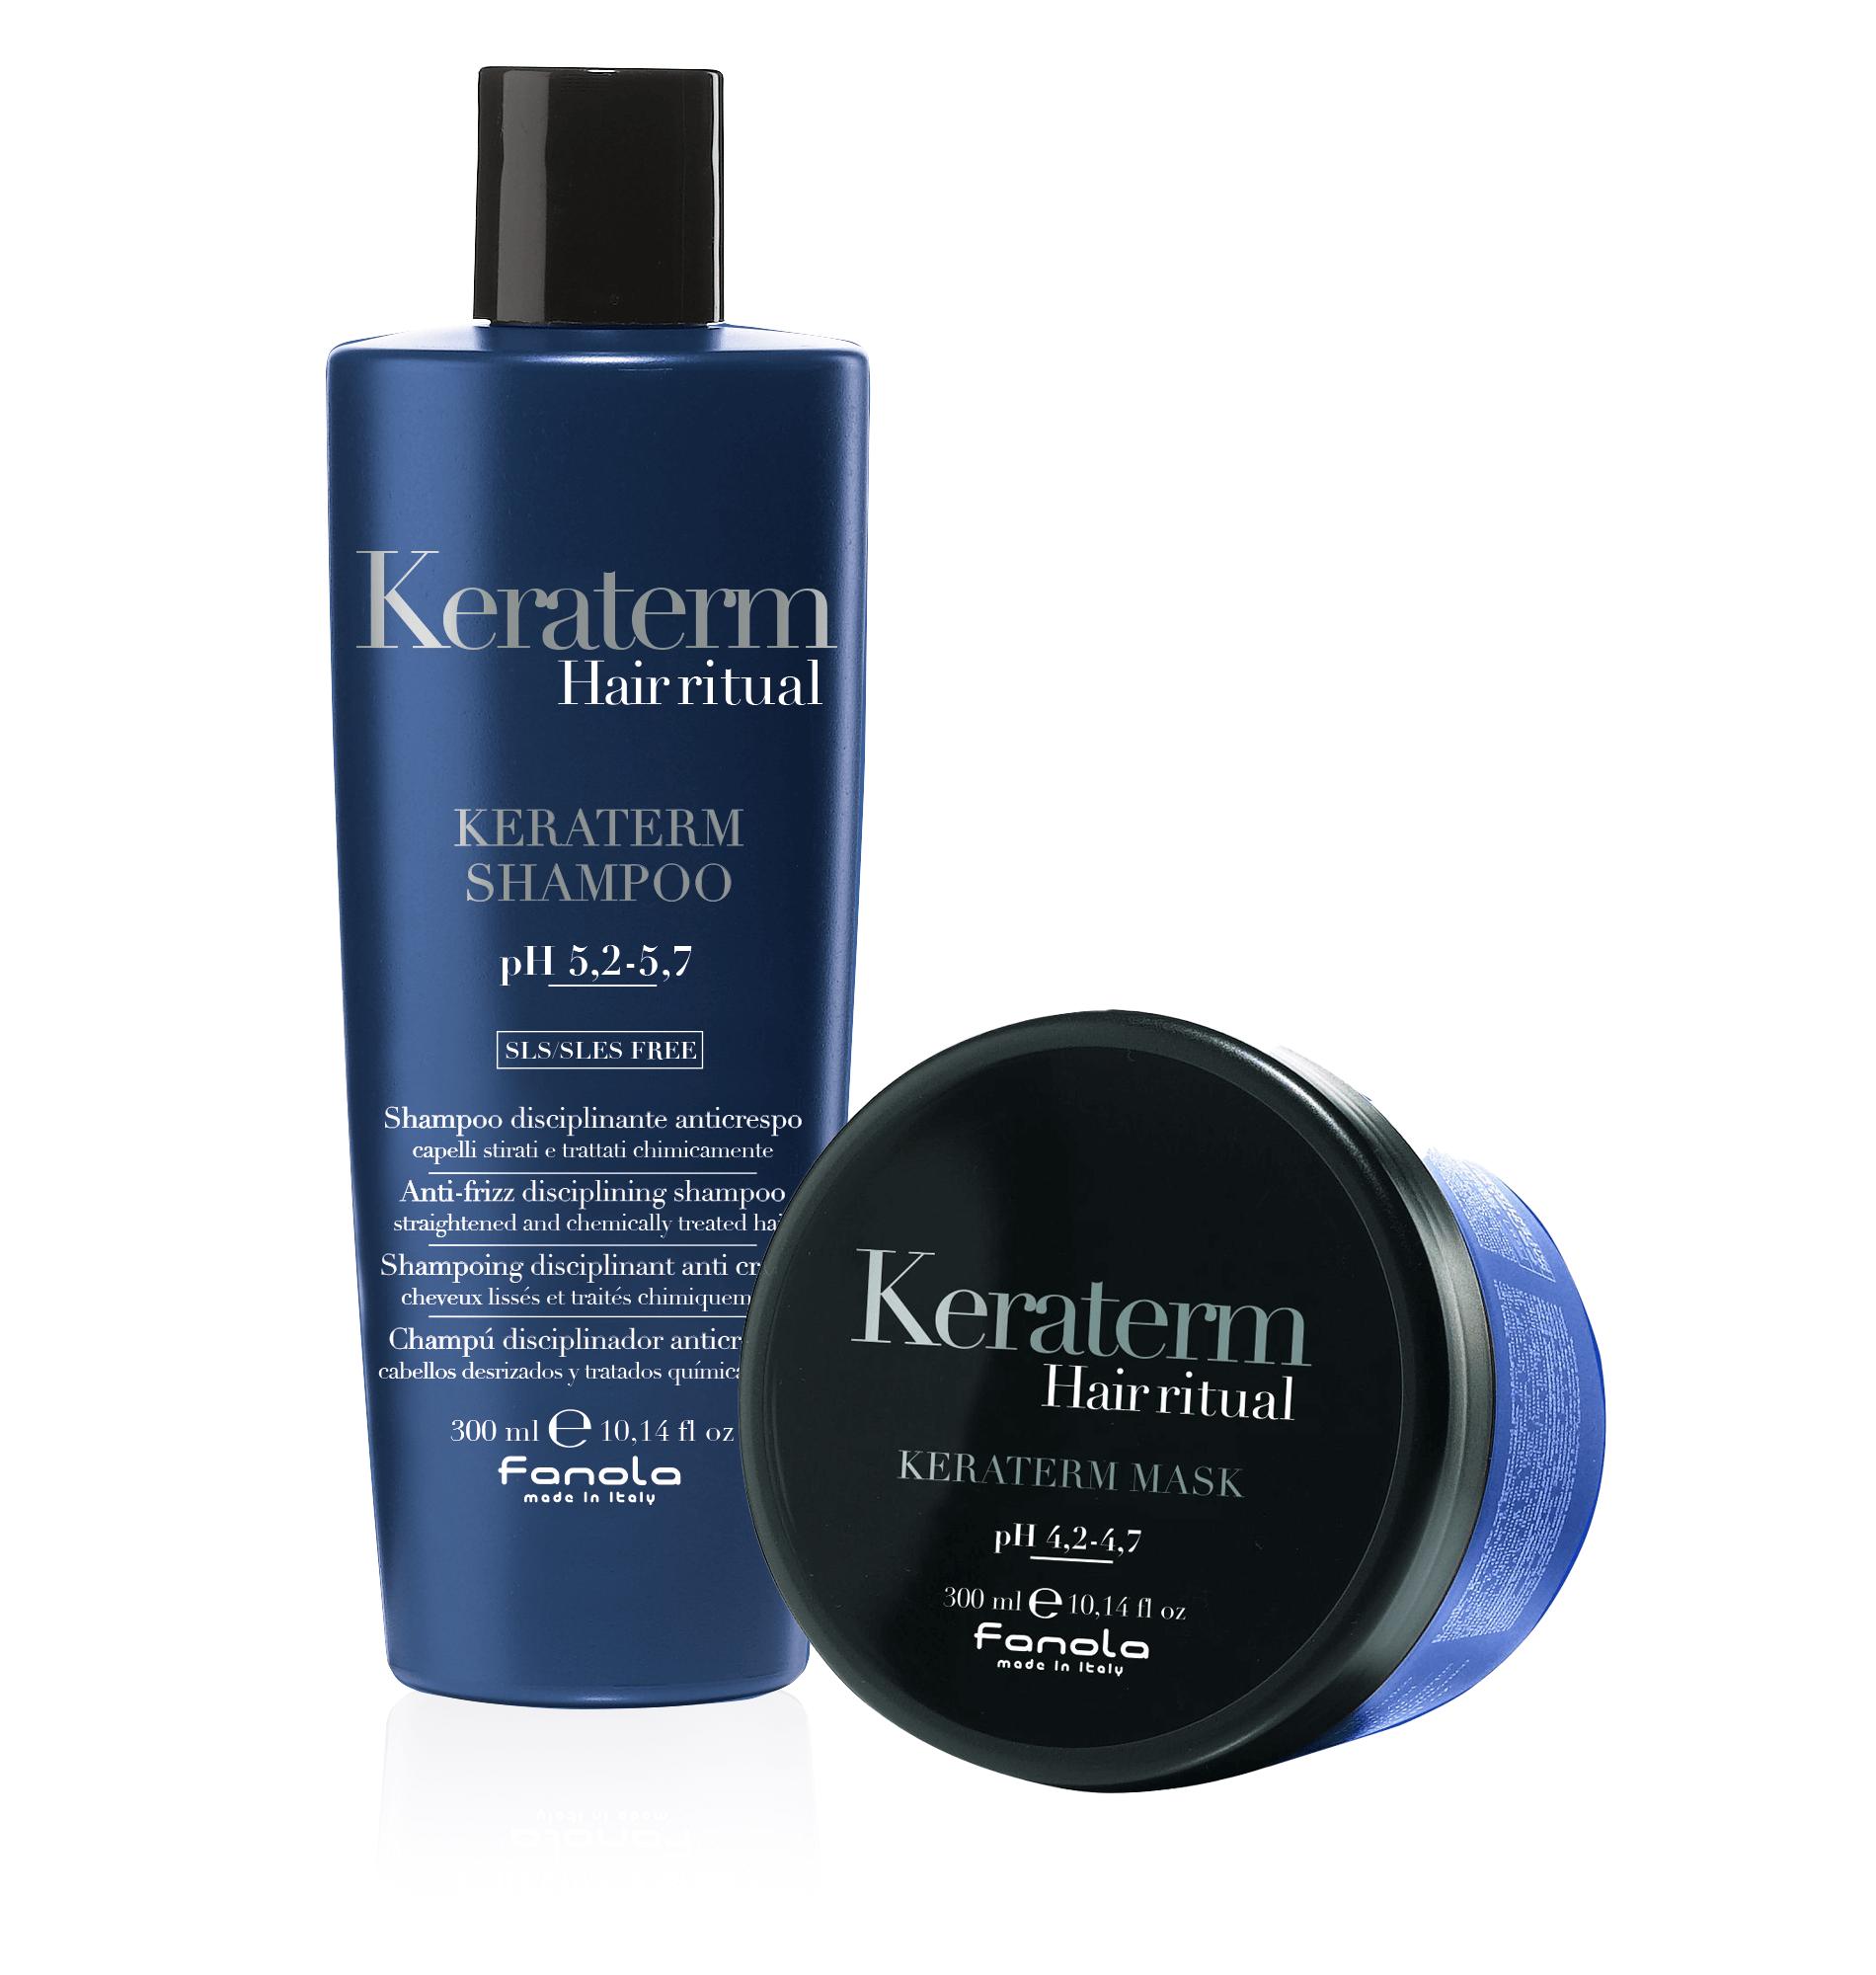 Fanola KERATERM Set: Hair Ritual Shampoo & Hair Ritual Maske 300 ml